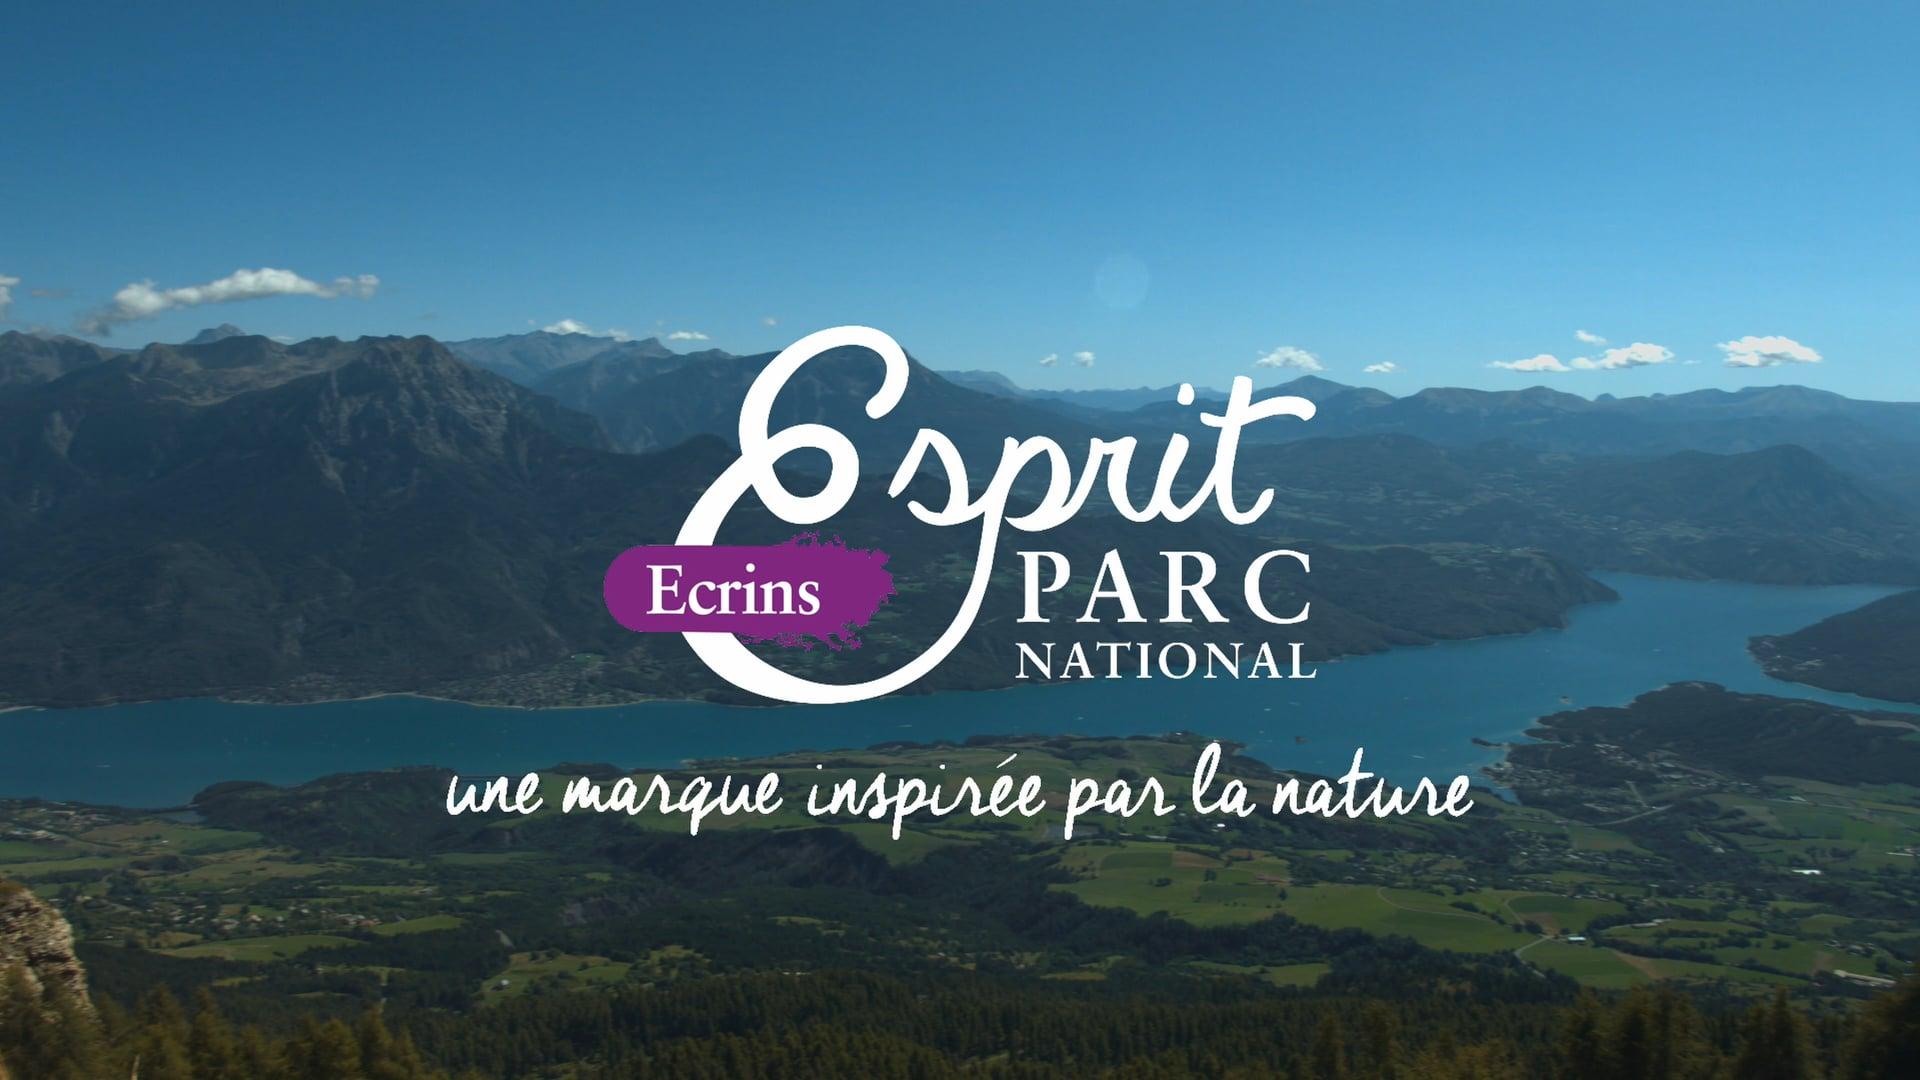 Esprit Parc National Graded